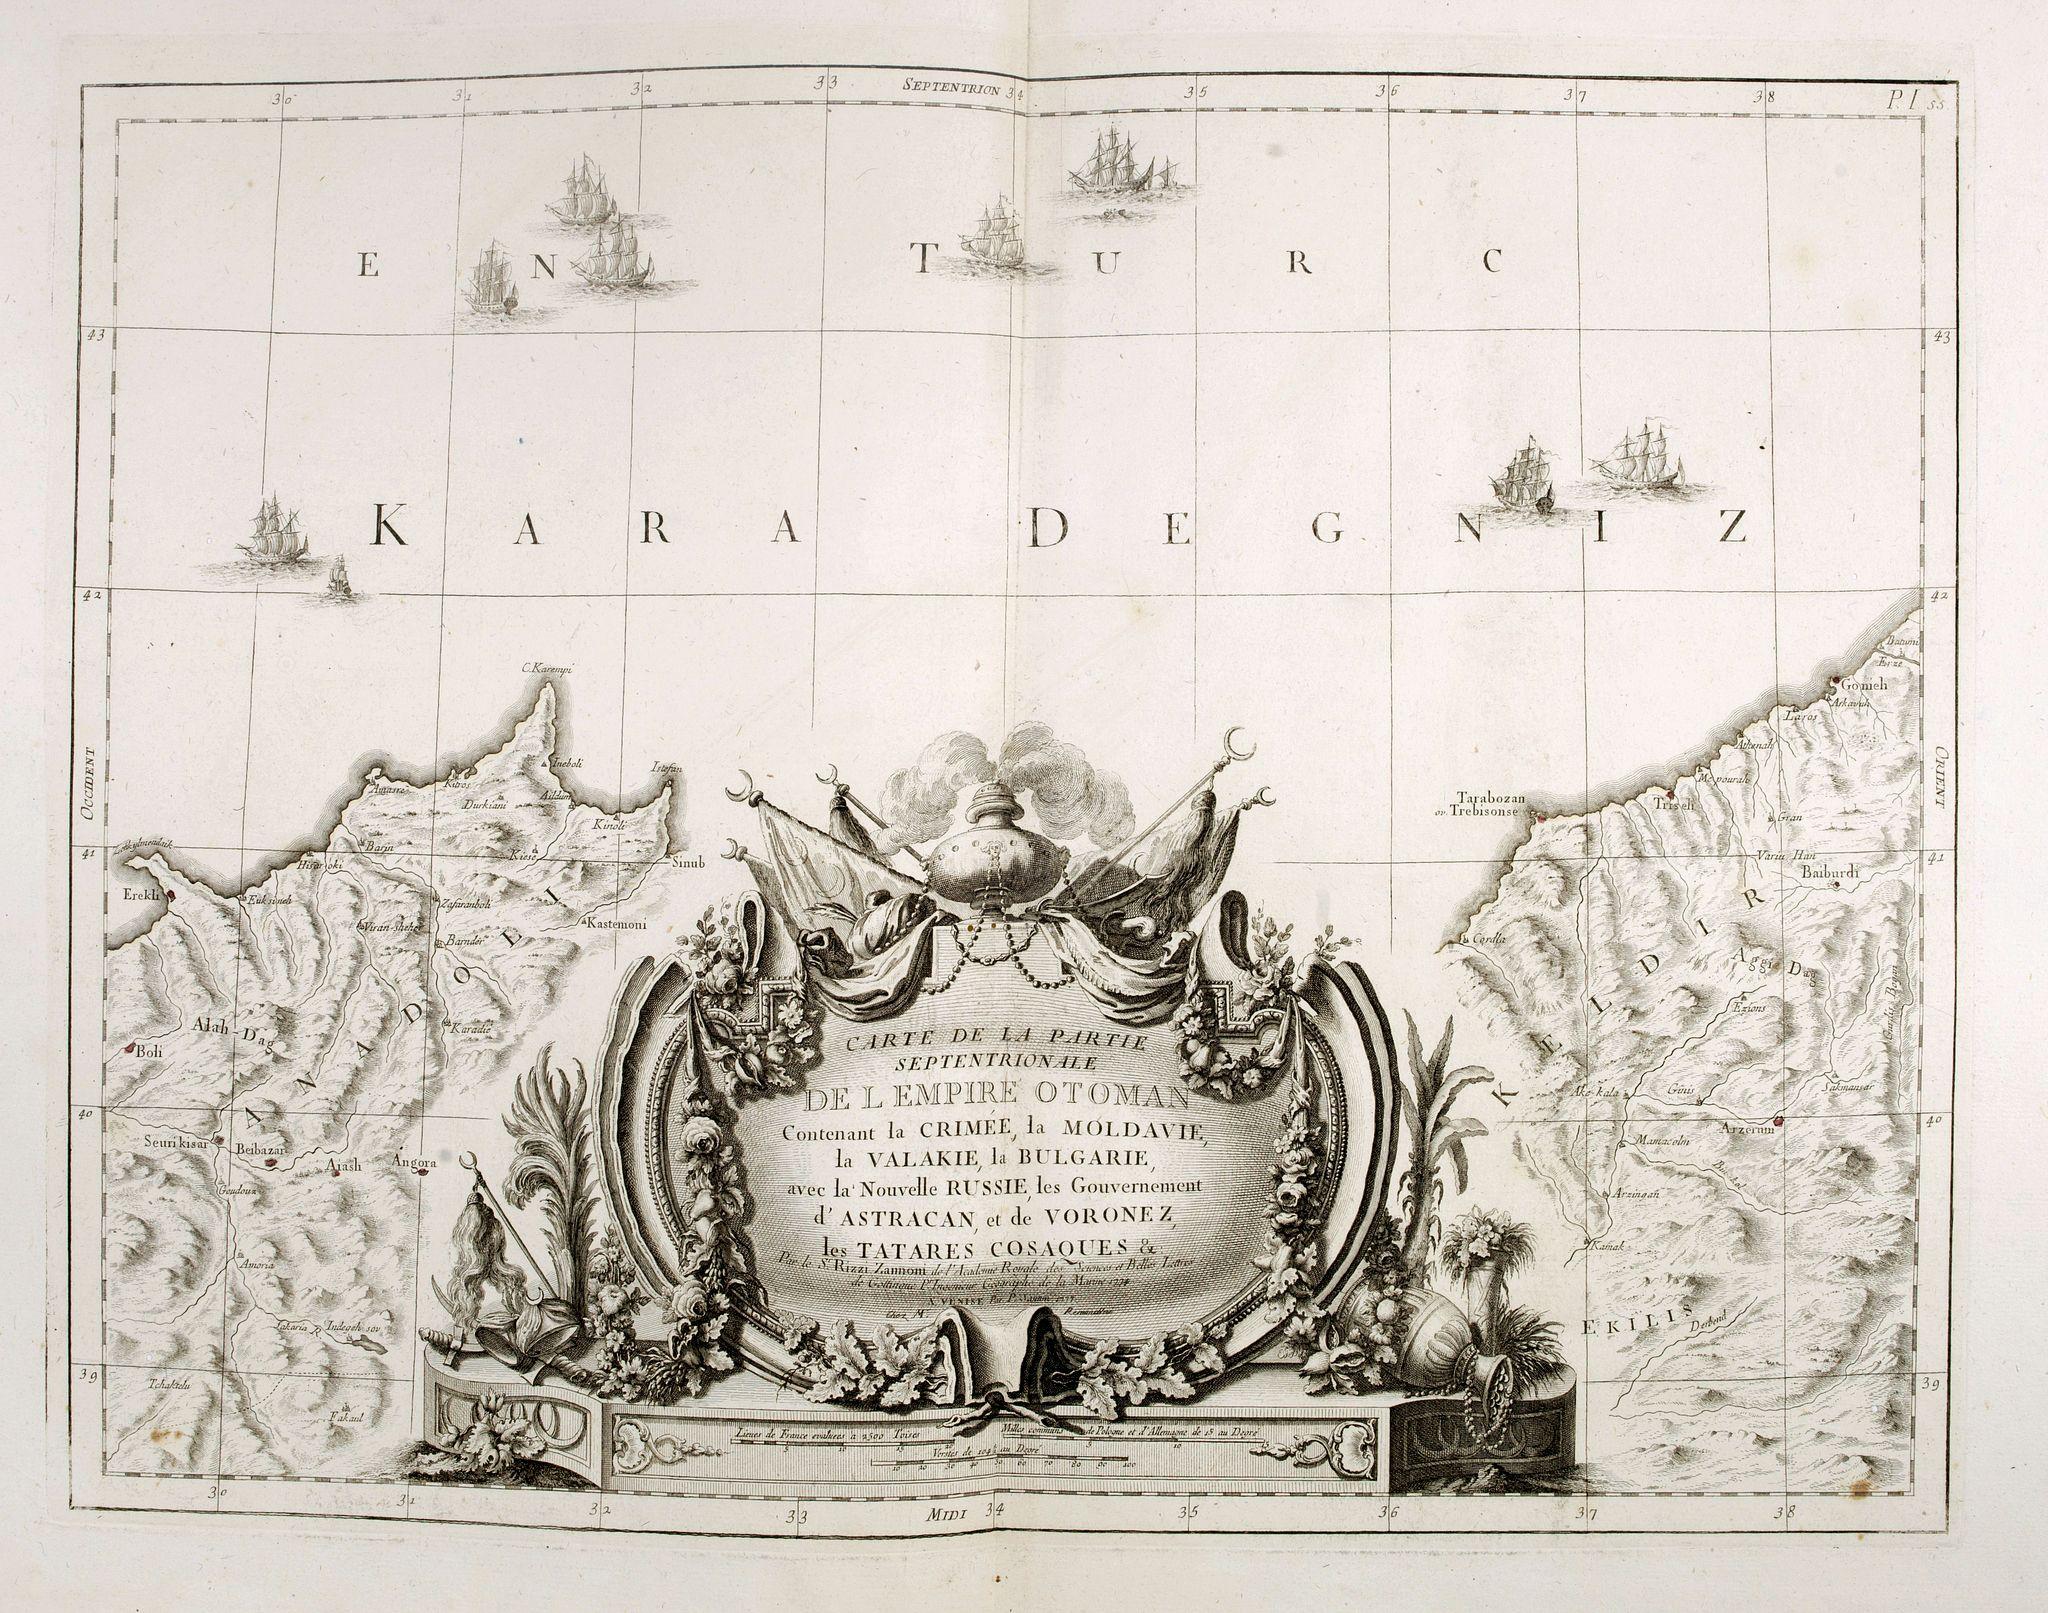 SANTINI, P. / REMONDINI, M. -  Carte de la partie septentrionale de l'empire Otoman. contenant la Crimée, la Moldavie, la Valakie, la Bulgarie, avec la nouvelle Russie, les gouvernement d'Astracan, et de Voronez, les Tatares cosaques &c. / par le Sr. Rizzi Zannoni. 1774